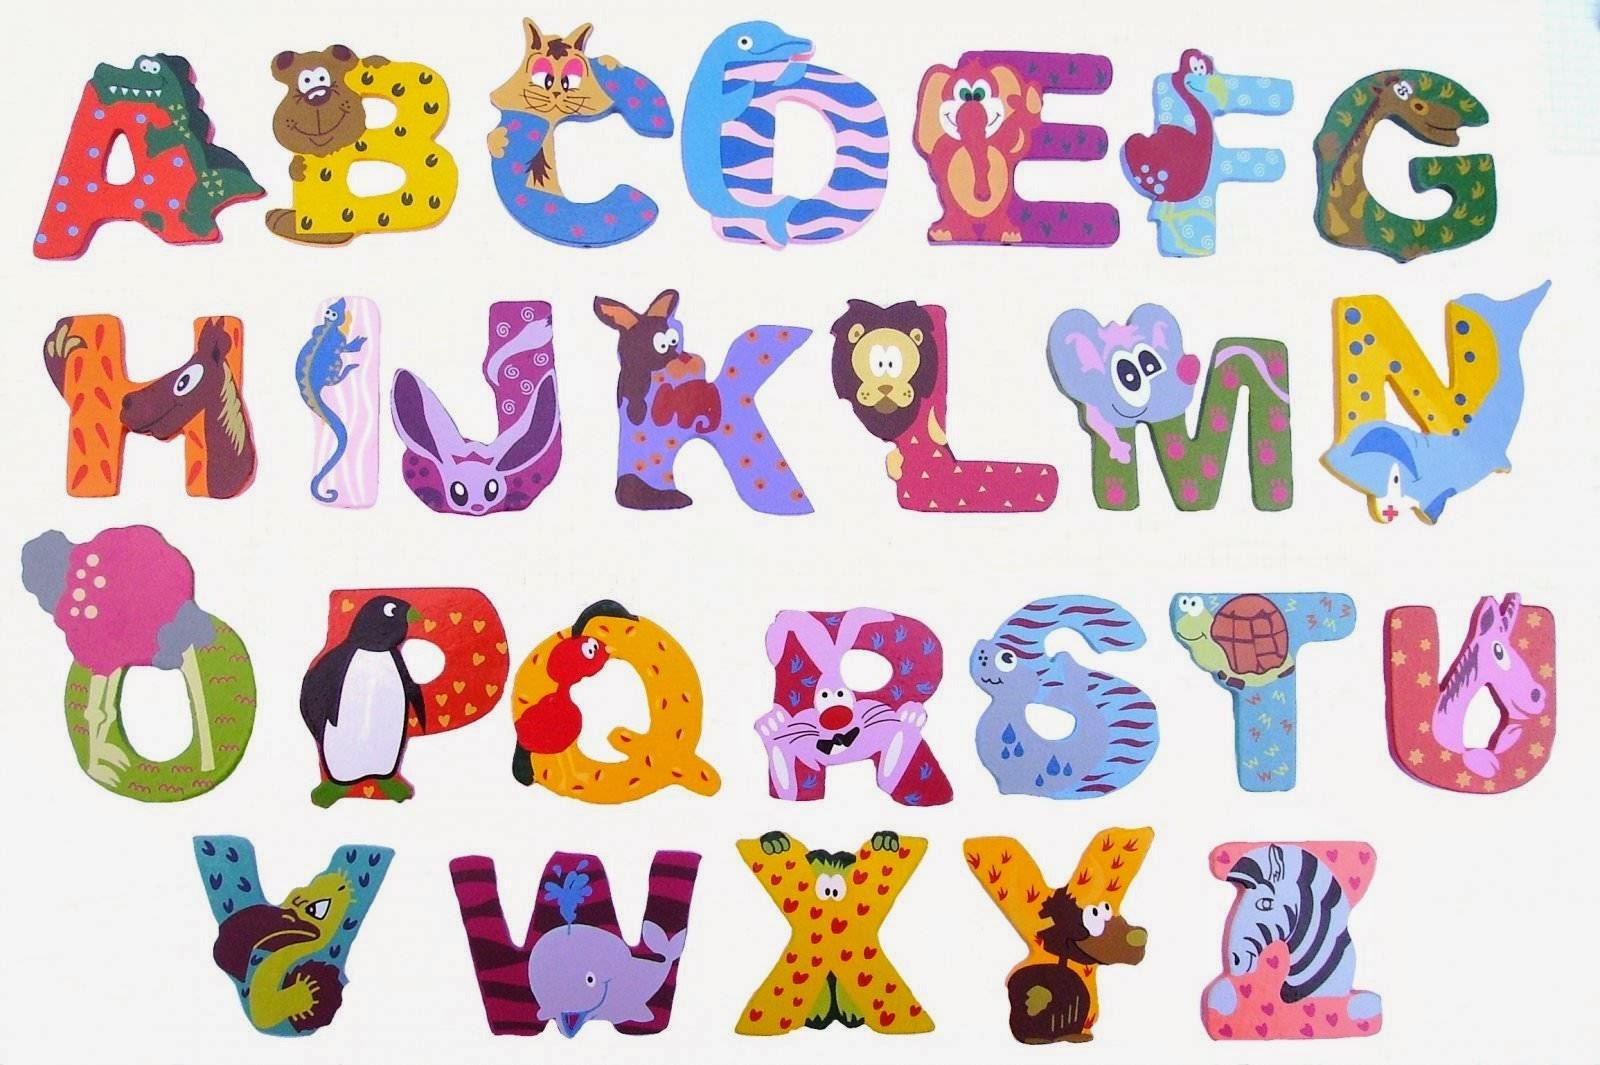 صورة حروف فرنسية مزخرفة , اجمل صور لحروف الفرنساوي